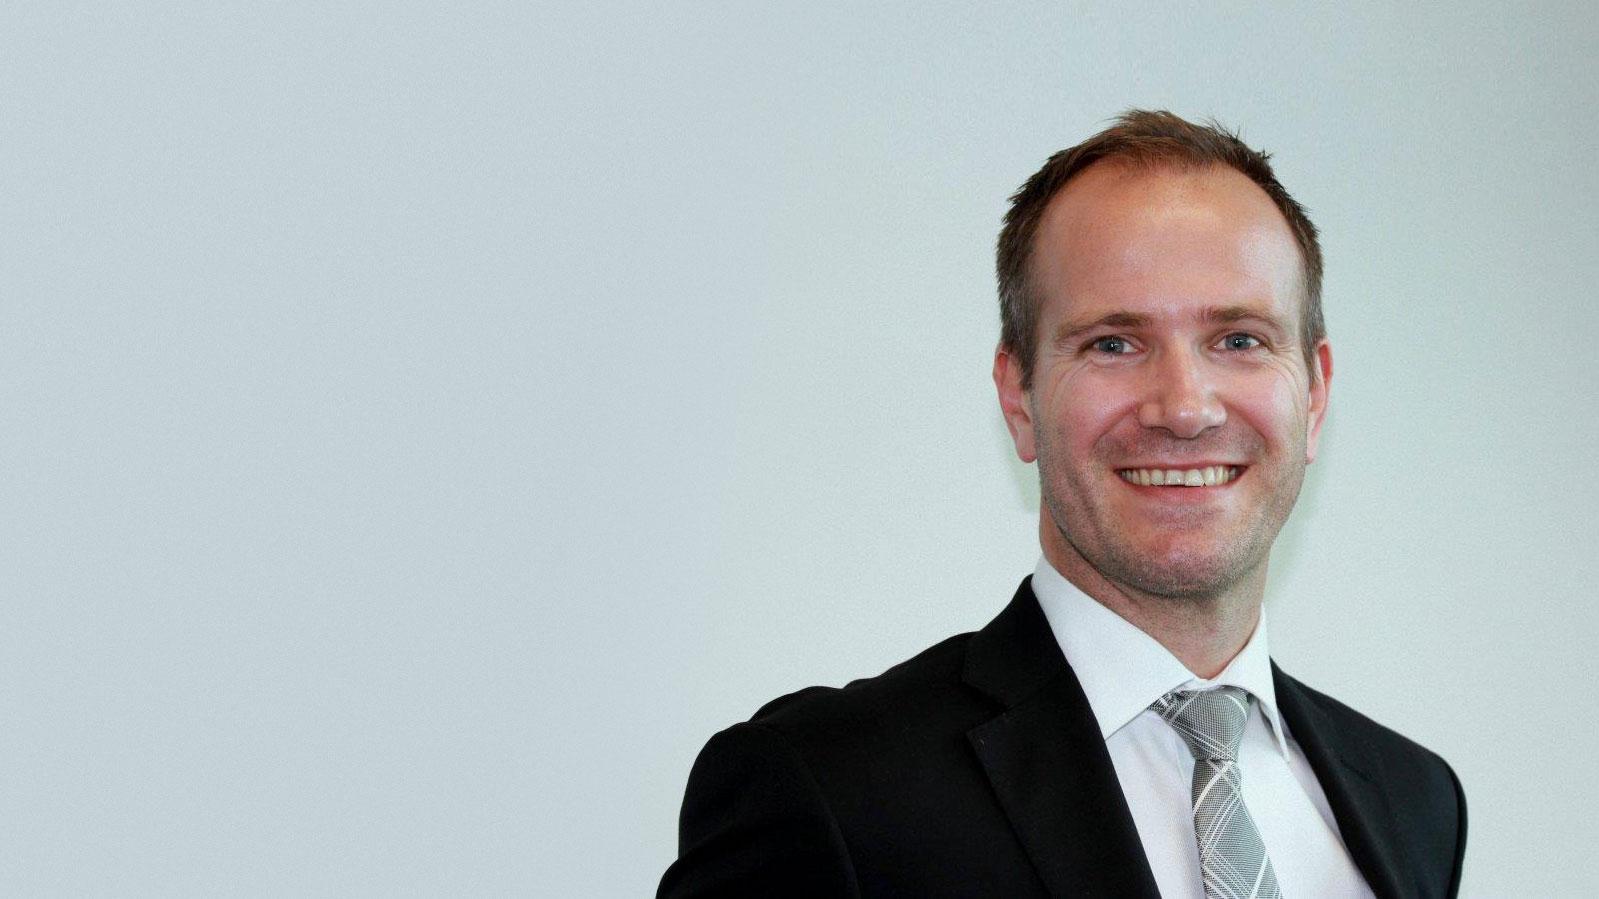 Finn L. Dahl - Chief Commercial Officer of Equatex